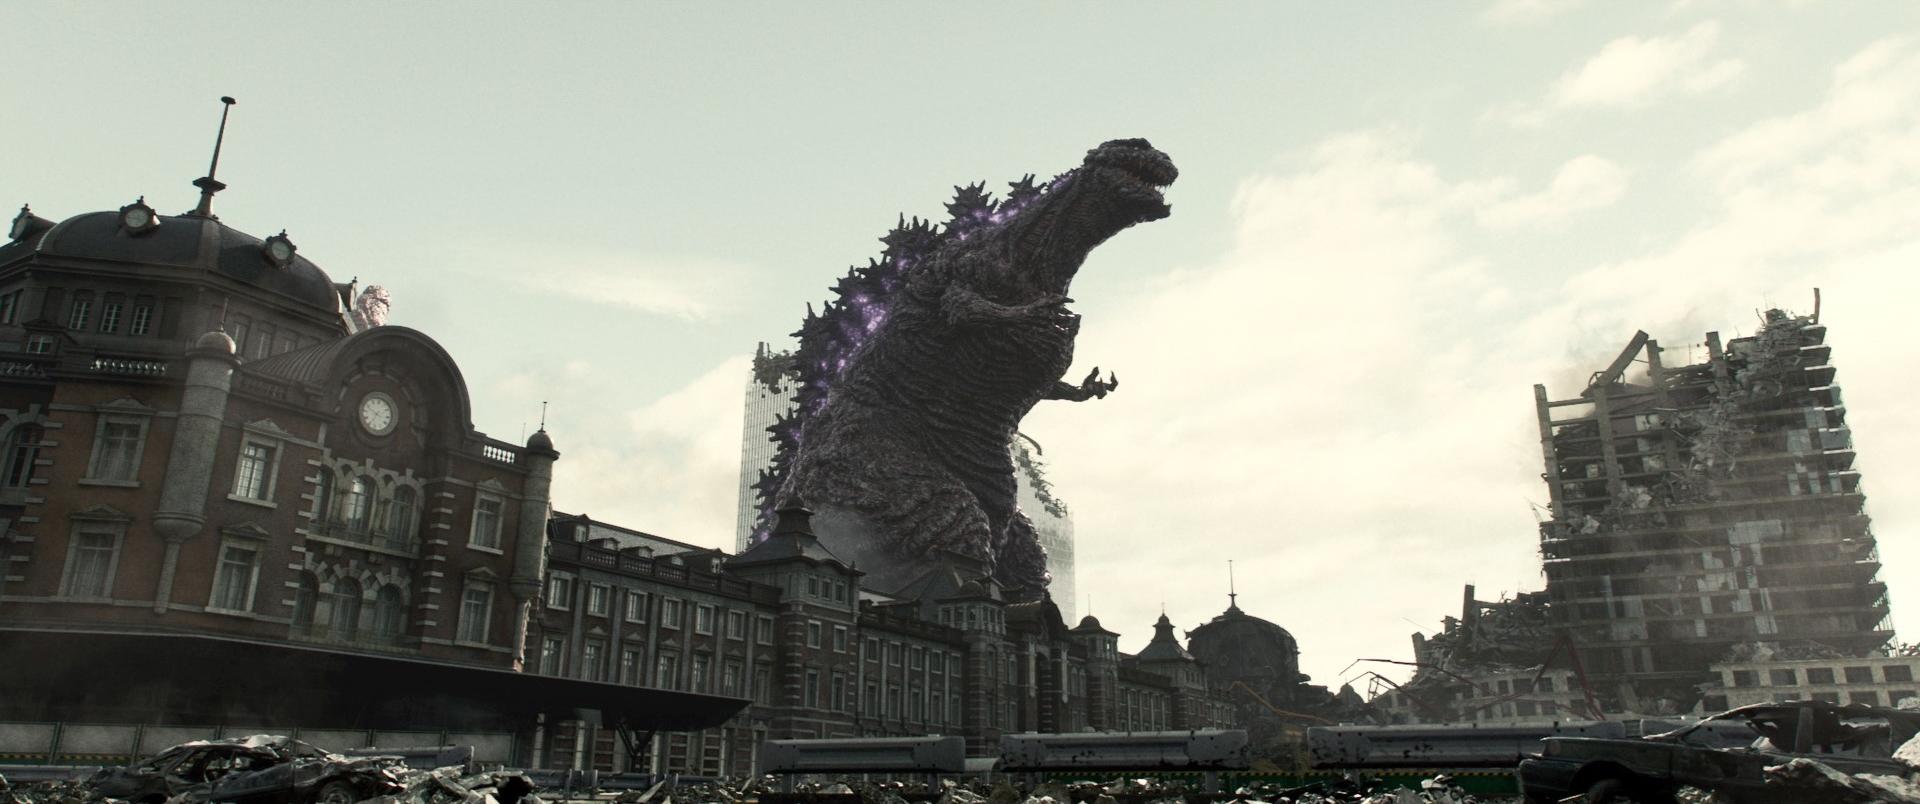 Shin Godzilla All The Anime